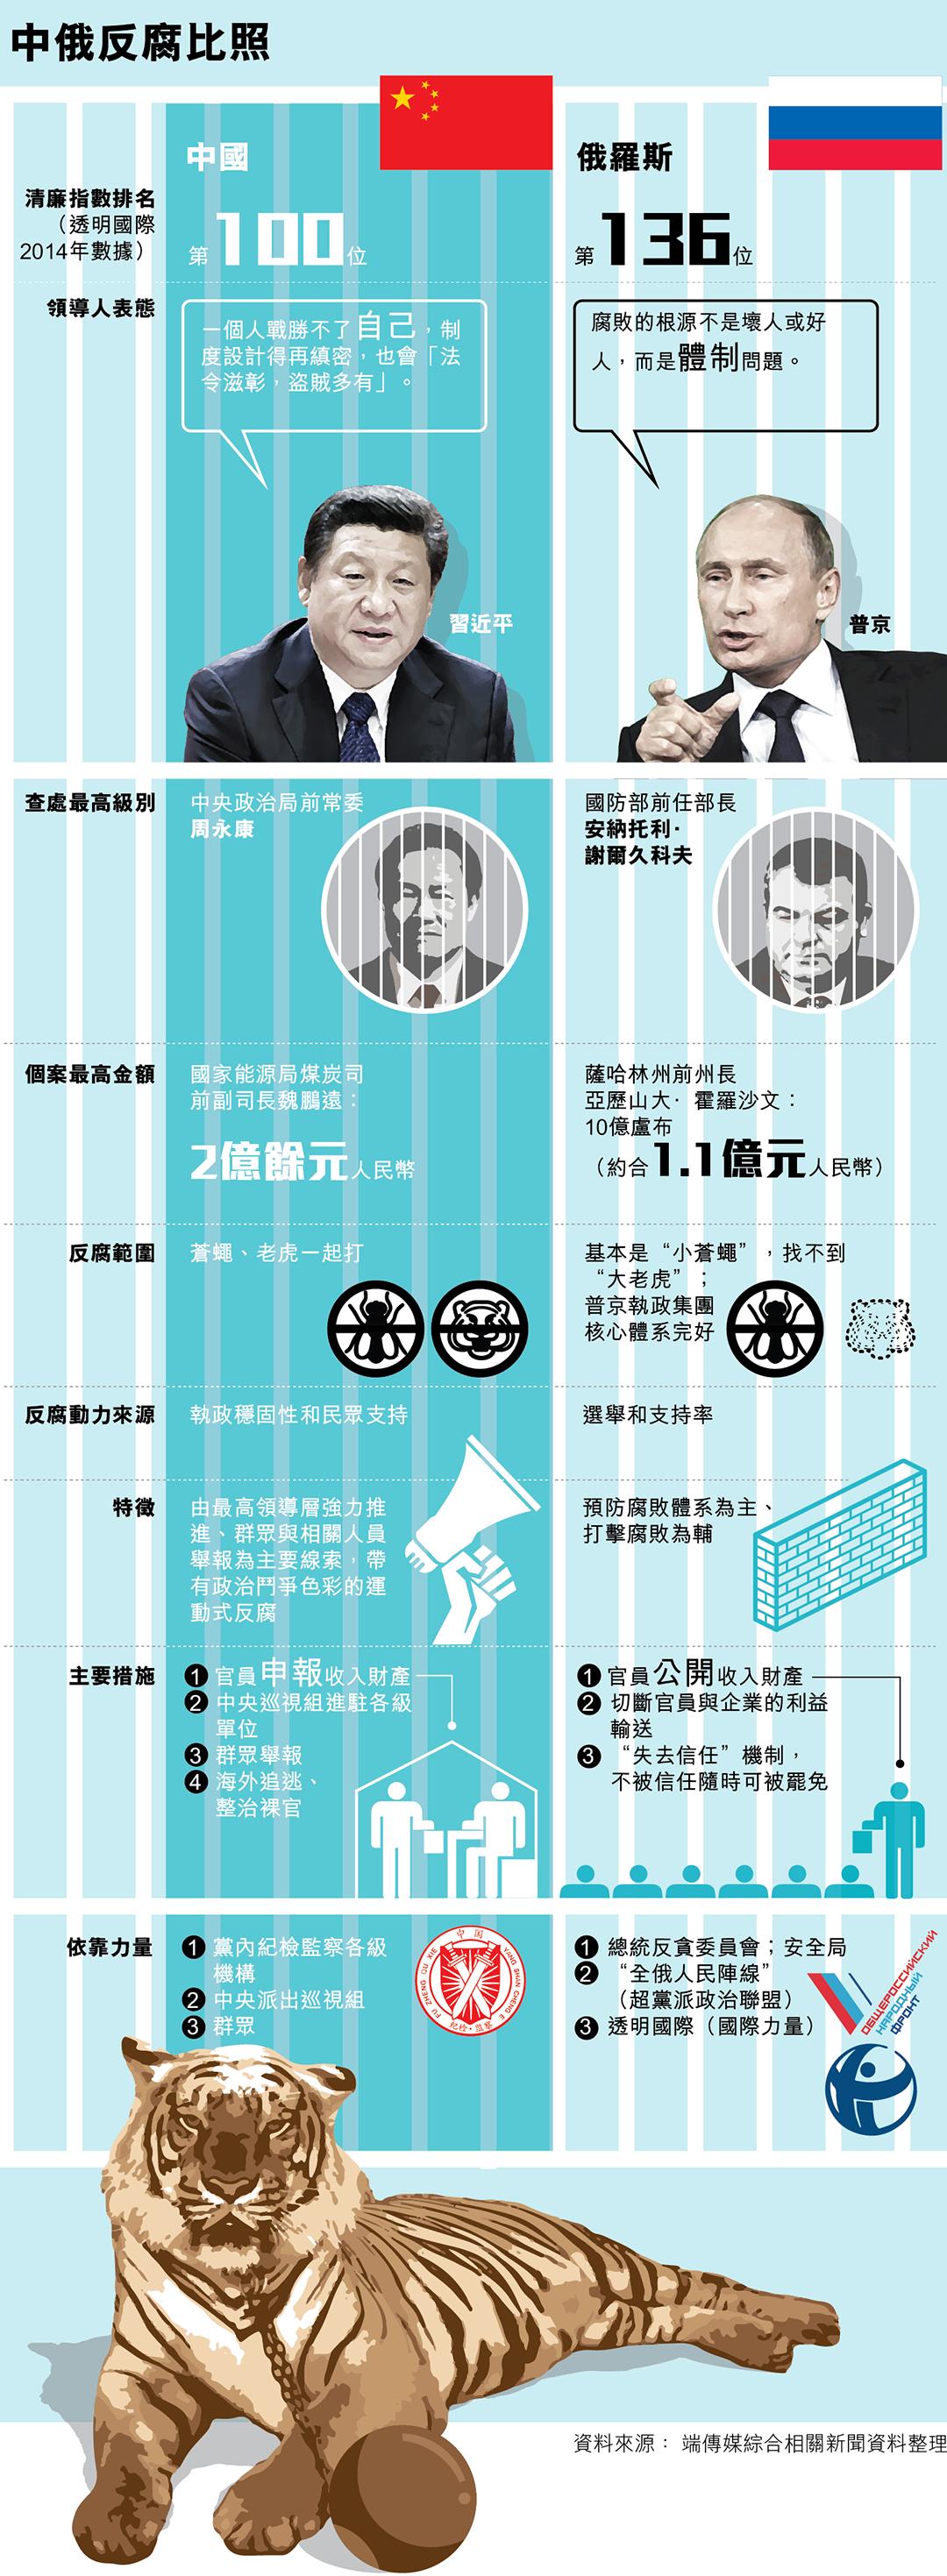 中俄反腐比照     設計師 曾永曦